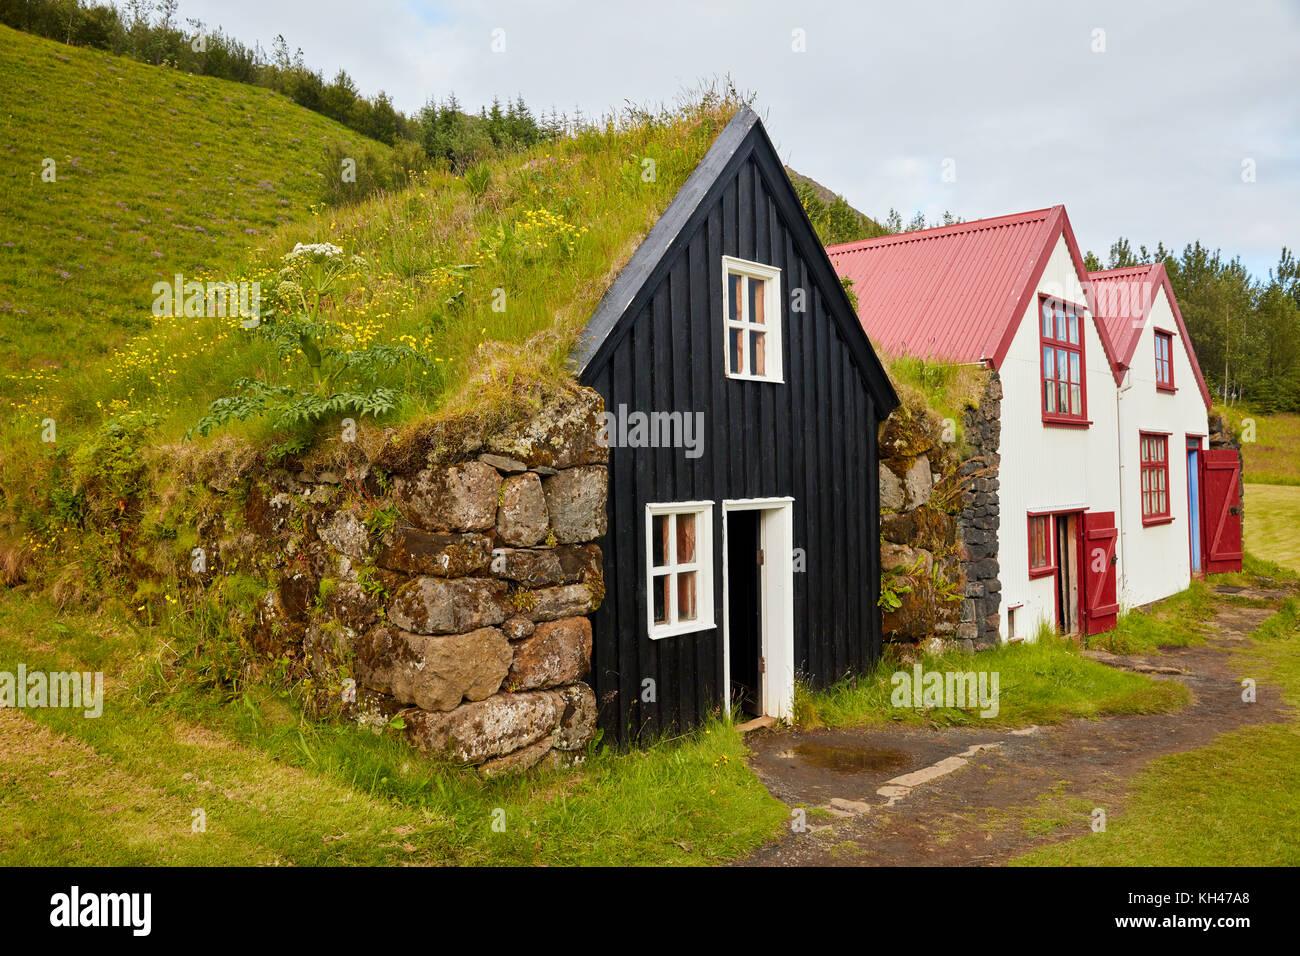 Ancienne farmhosuses skoga, islandais, le sud de l'islande Photo Stock